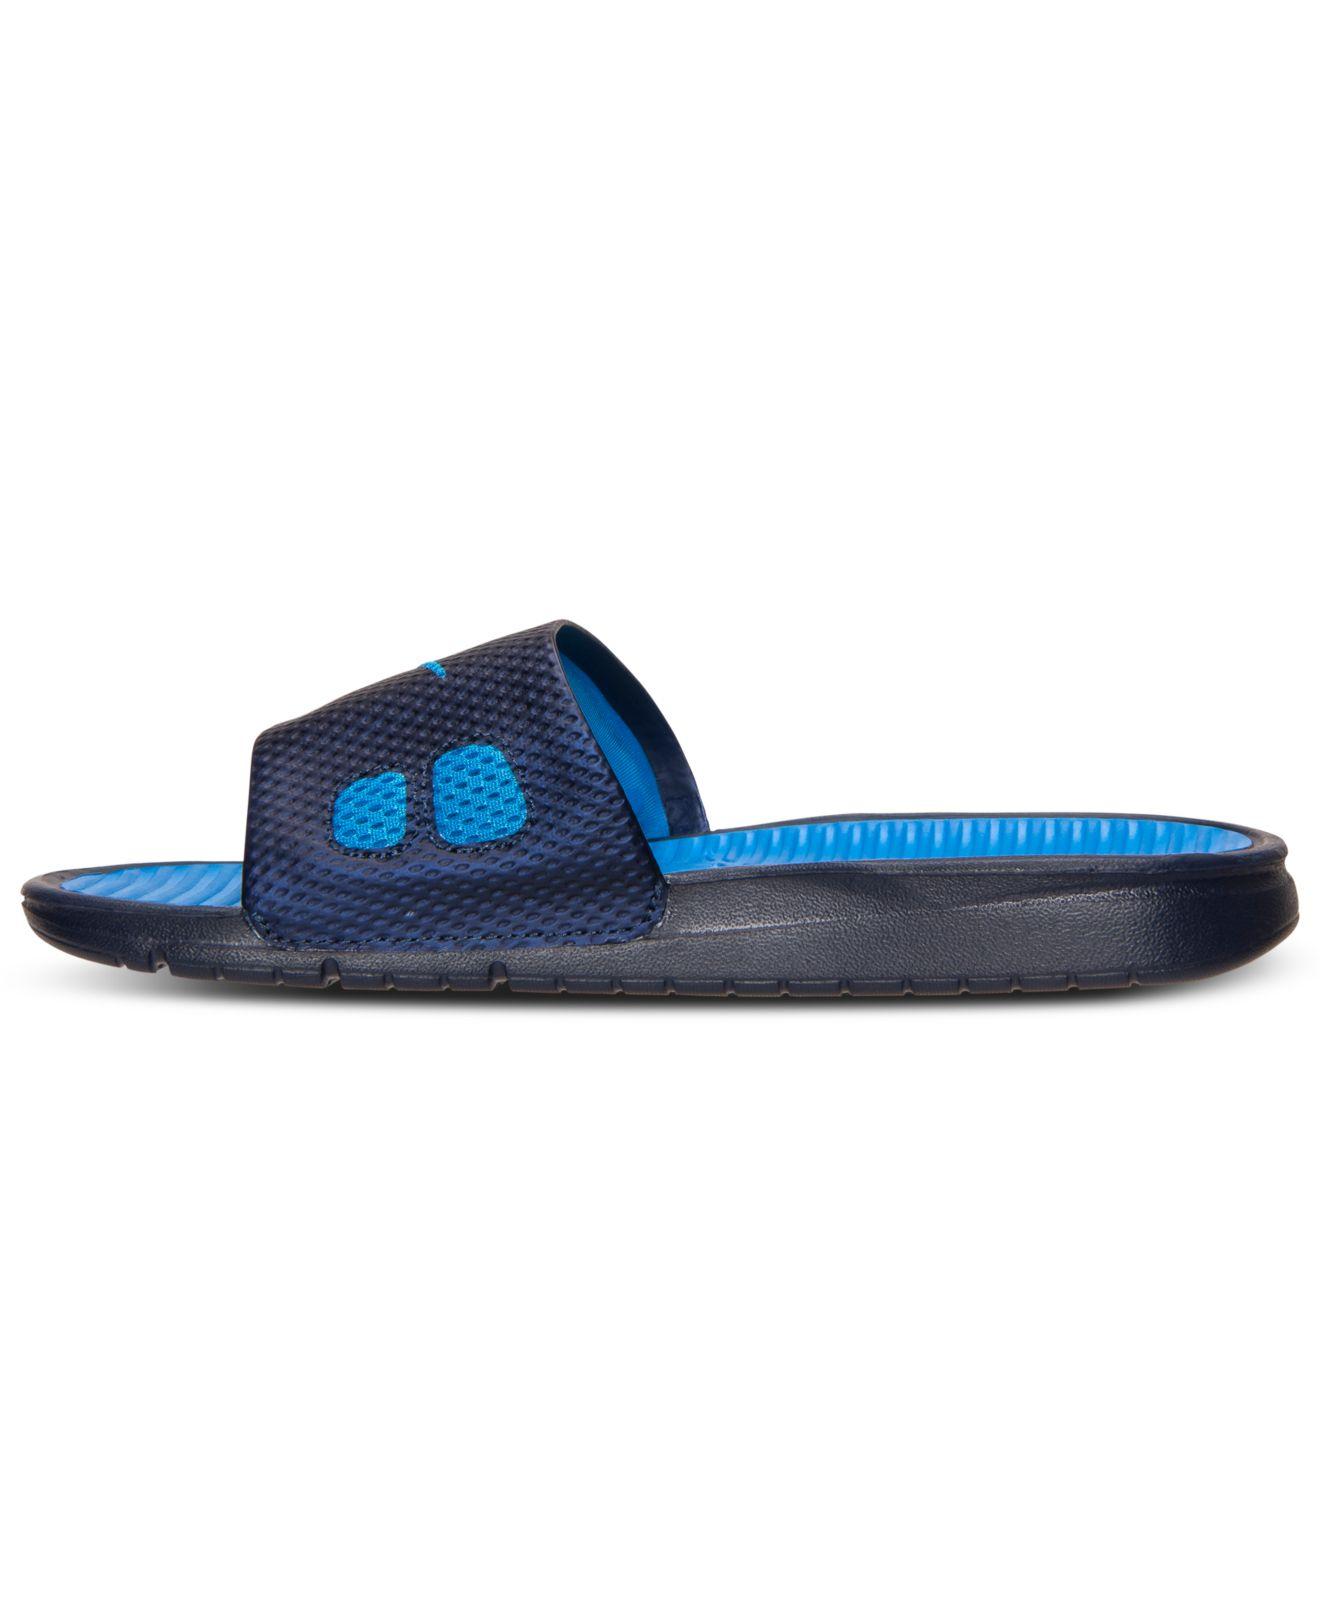 Nike Men S Benassi Solarsoft Slide Sandals From Finish